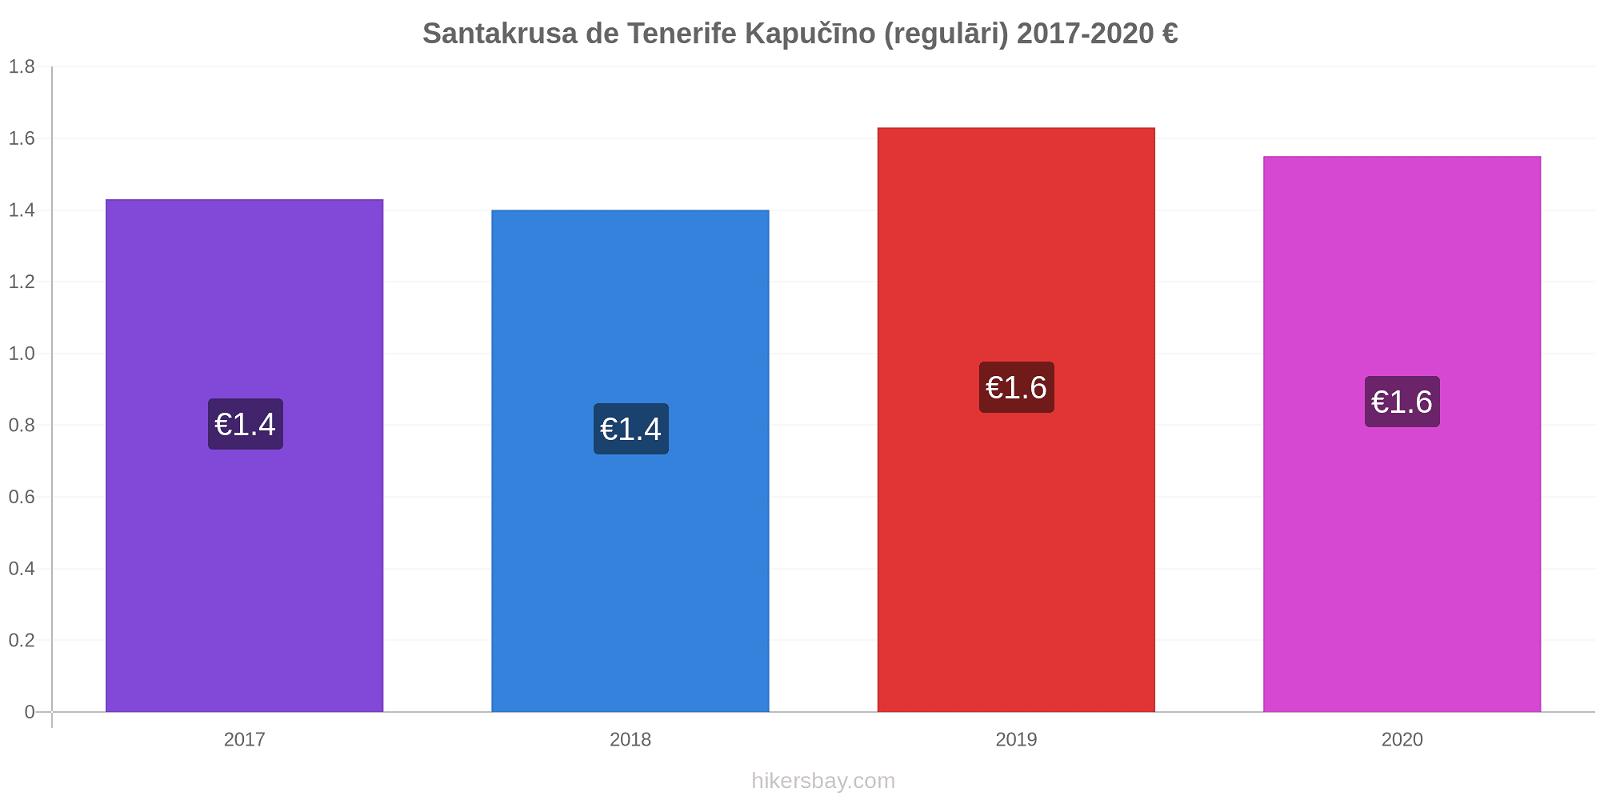 Santakrusa de Tenerife cenu izmaiņas Kapučīno (regulāri) hikersbay.com